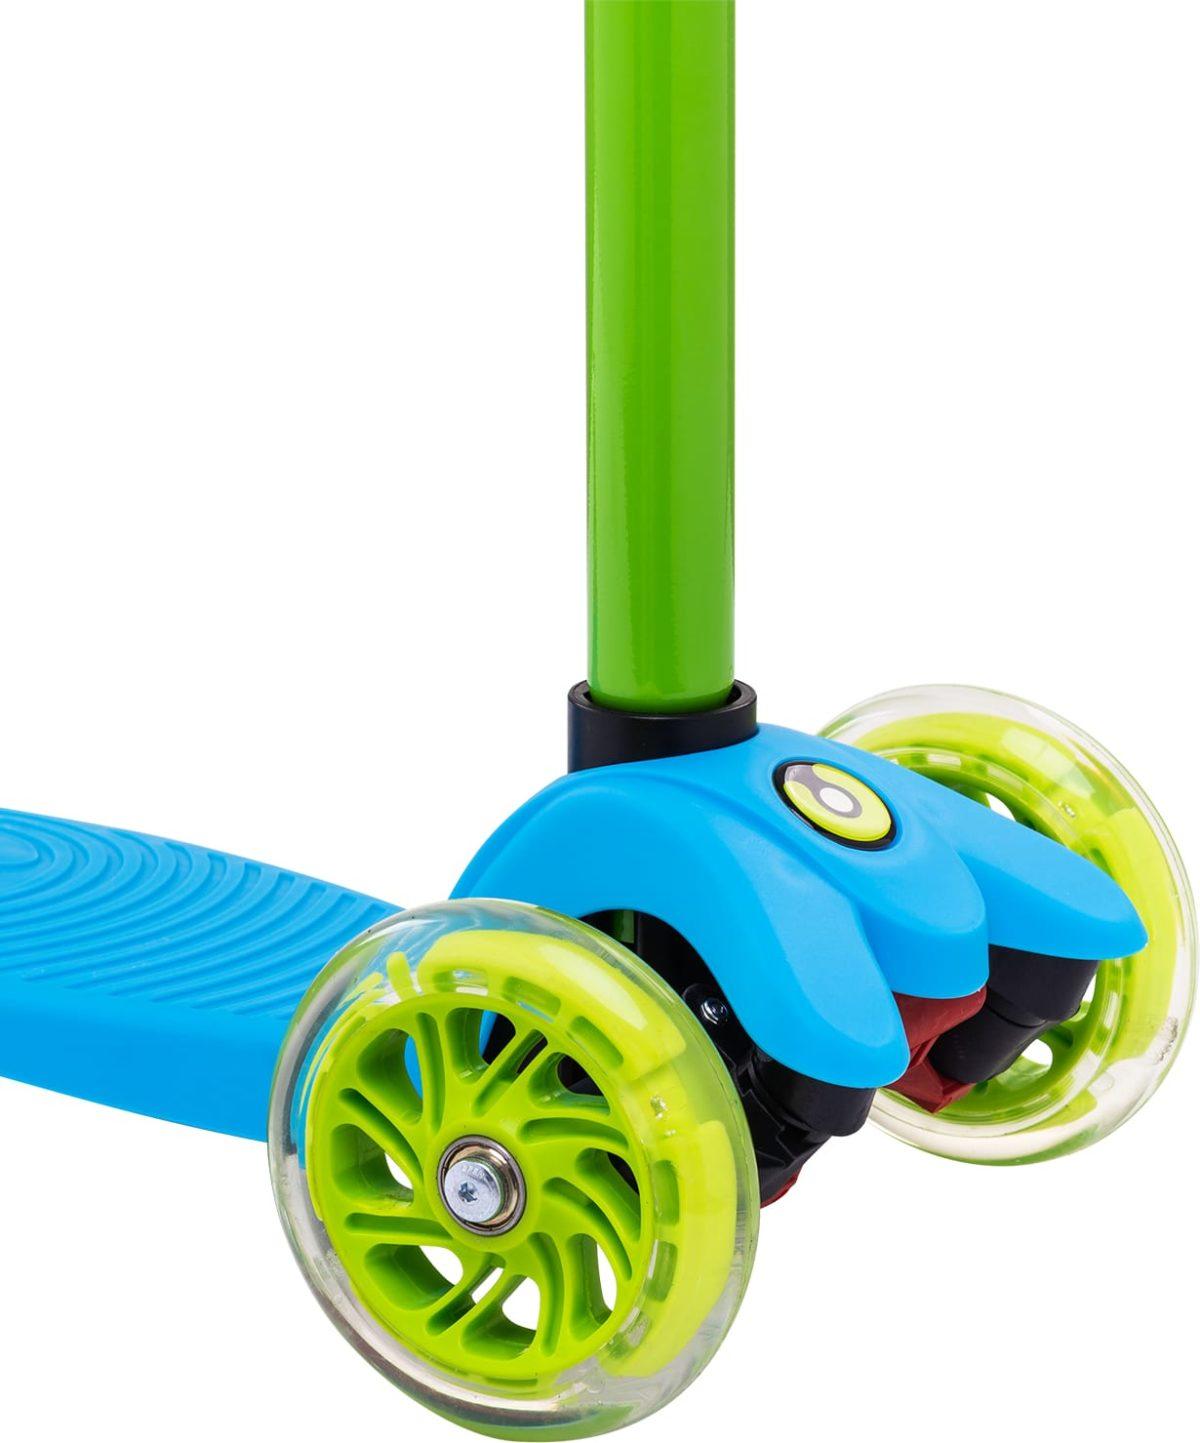 RIDEX Snappy 3D Самокат 3-х колесный 120/80 мм  Snappy: синий/зелёный - 3